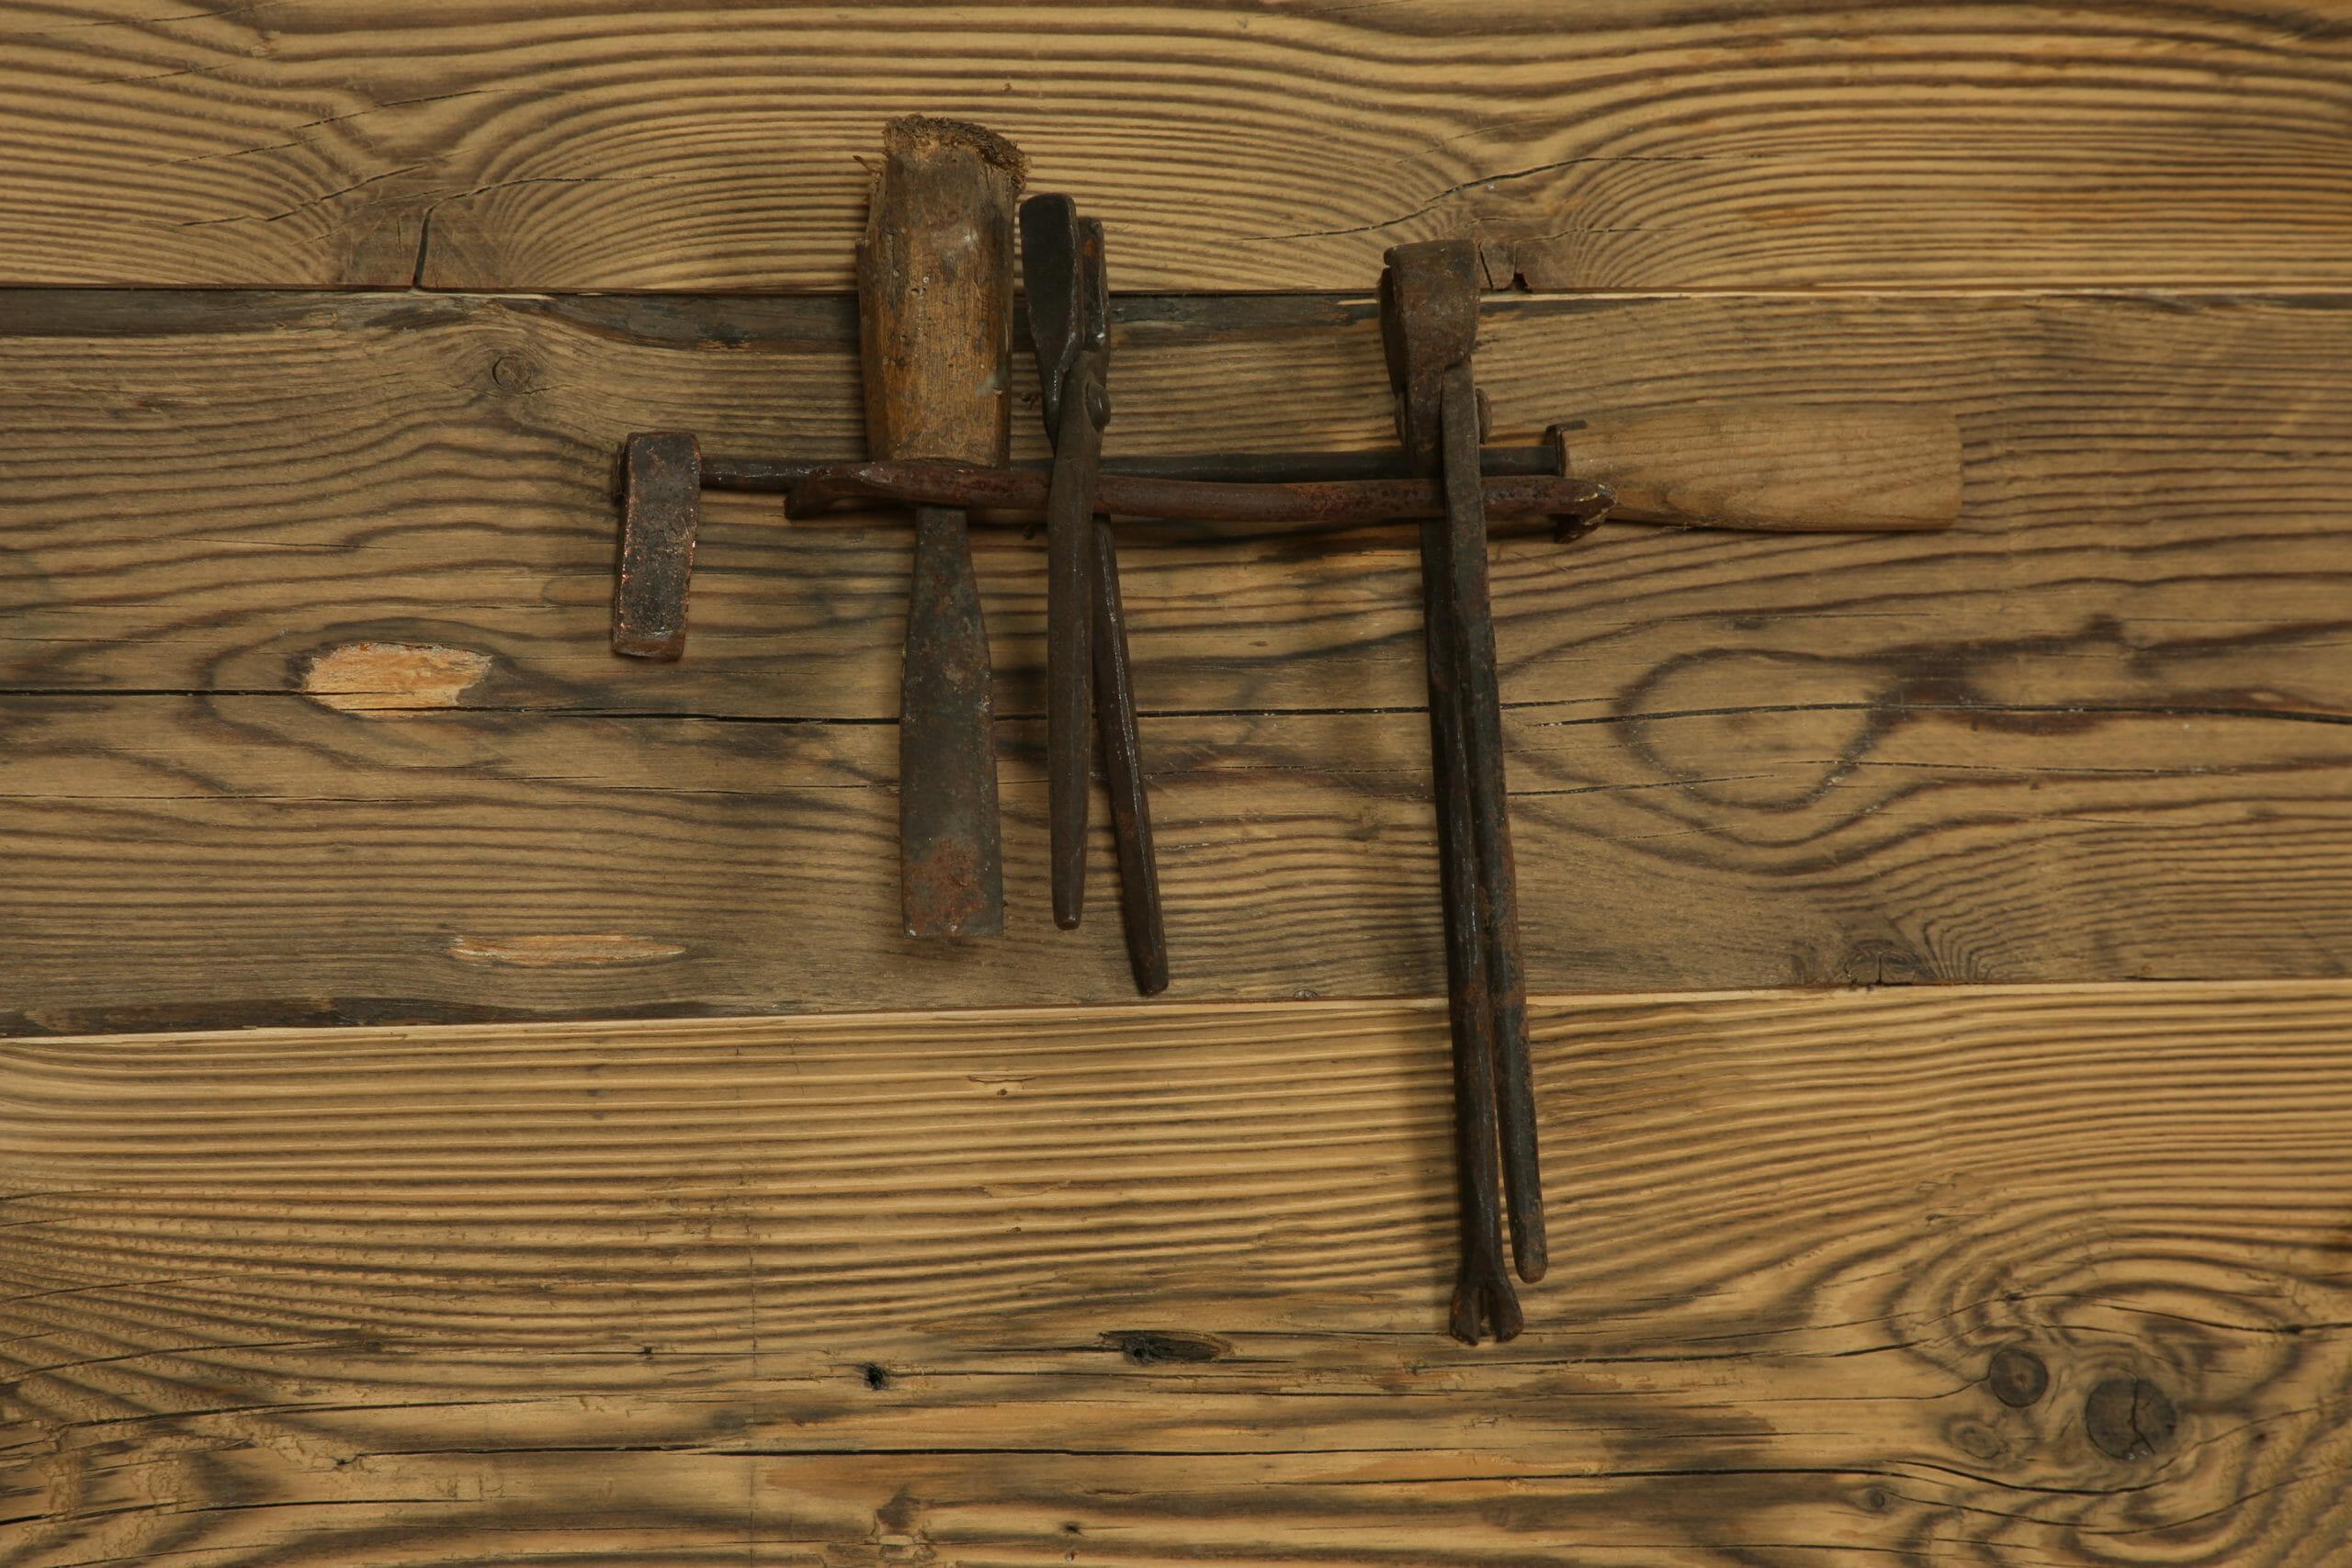 sgorbia ad U e tenaglie scaled - News, il fascino del legno antico di recupero